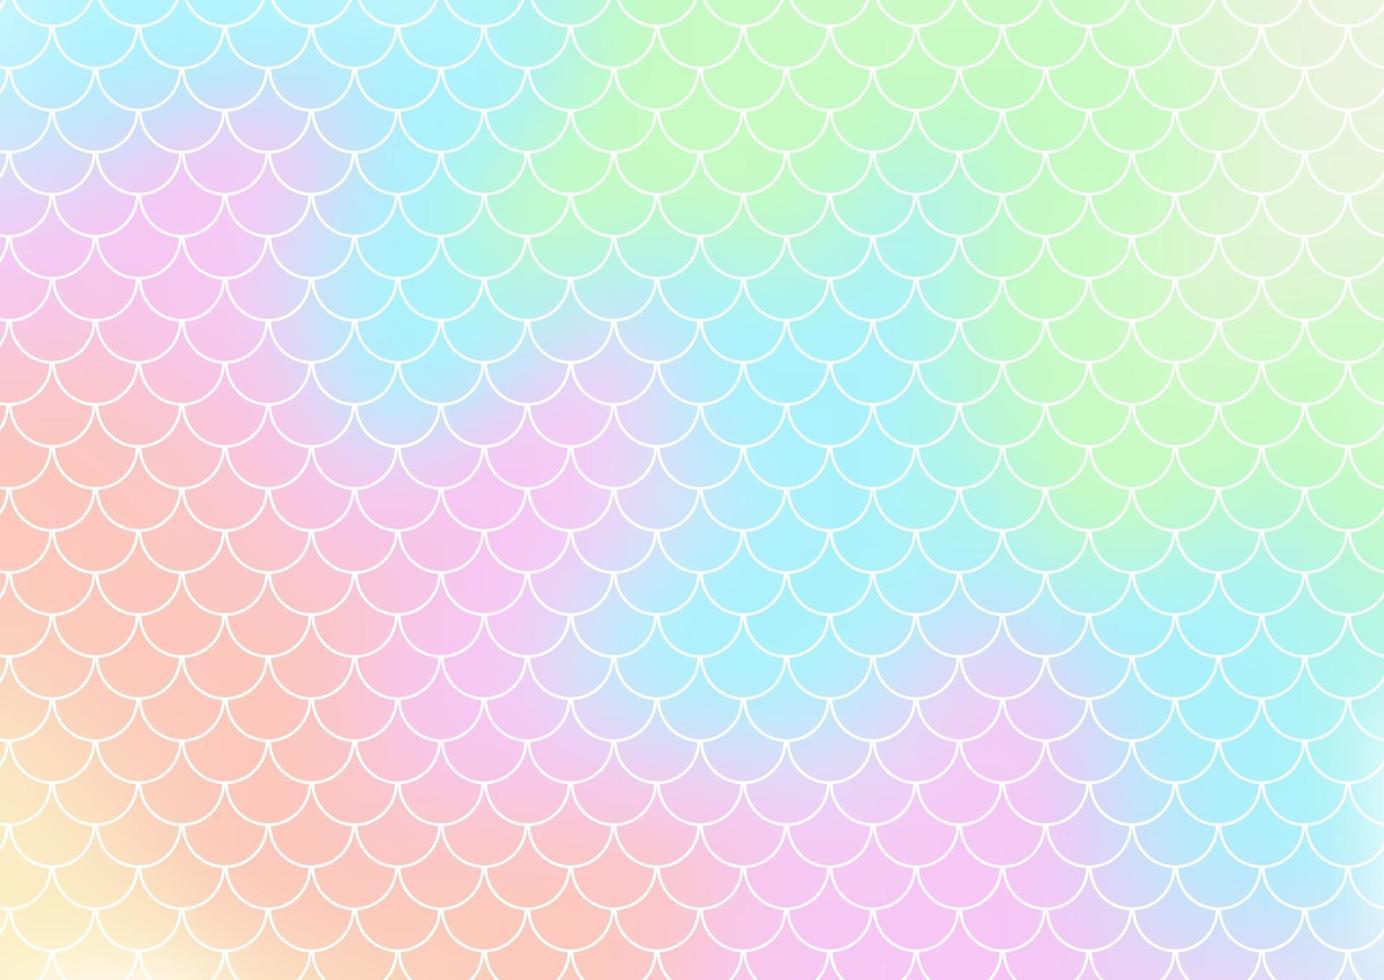 Hologrammart-Gradientenhintergrund mit Meerjungfrauenschuppenmuster vektor